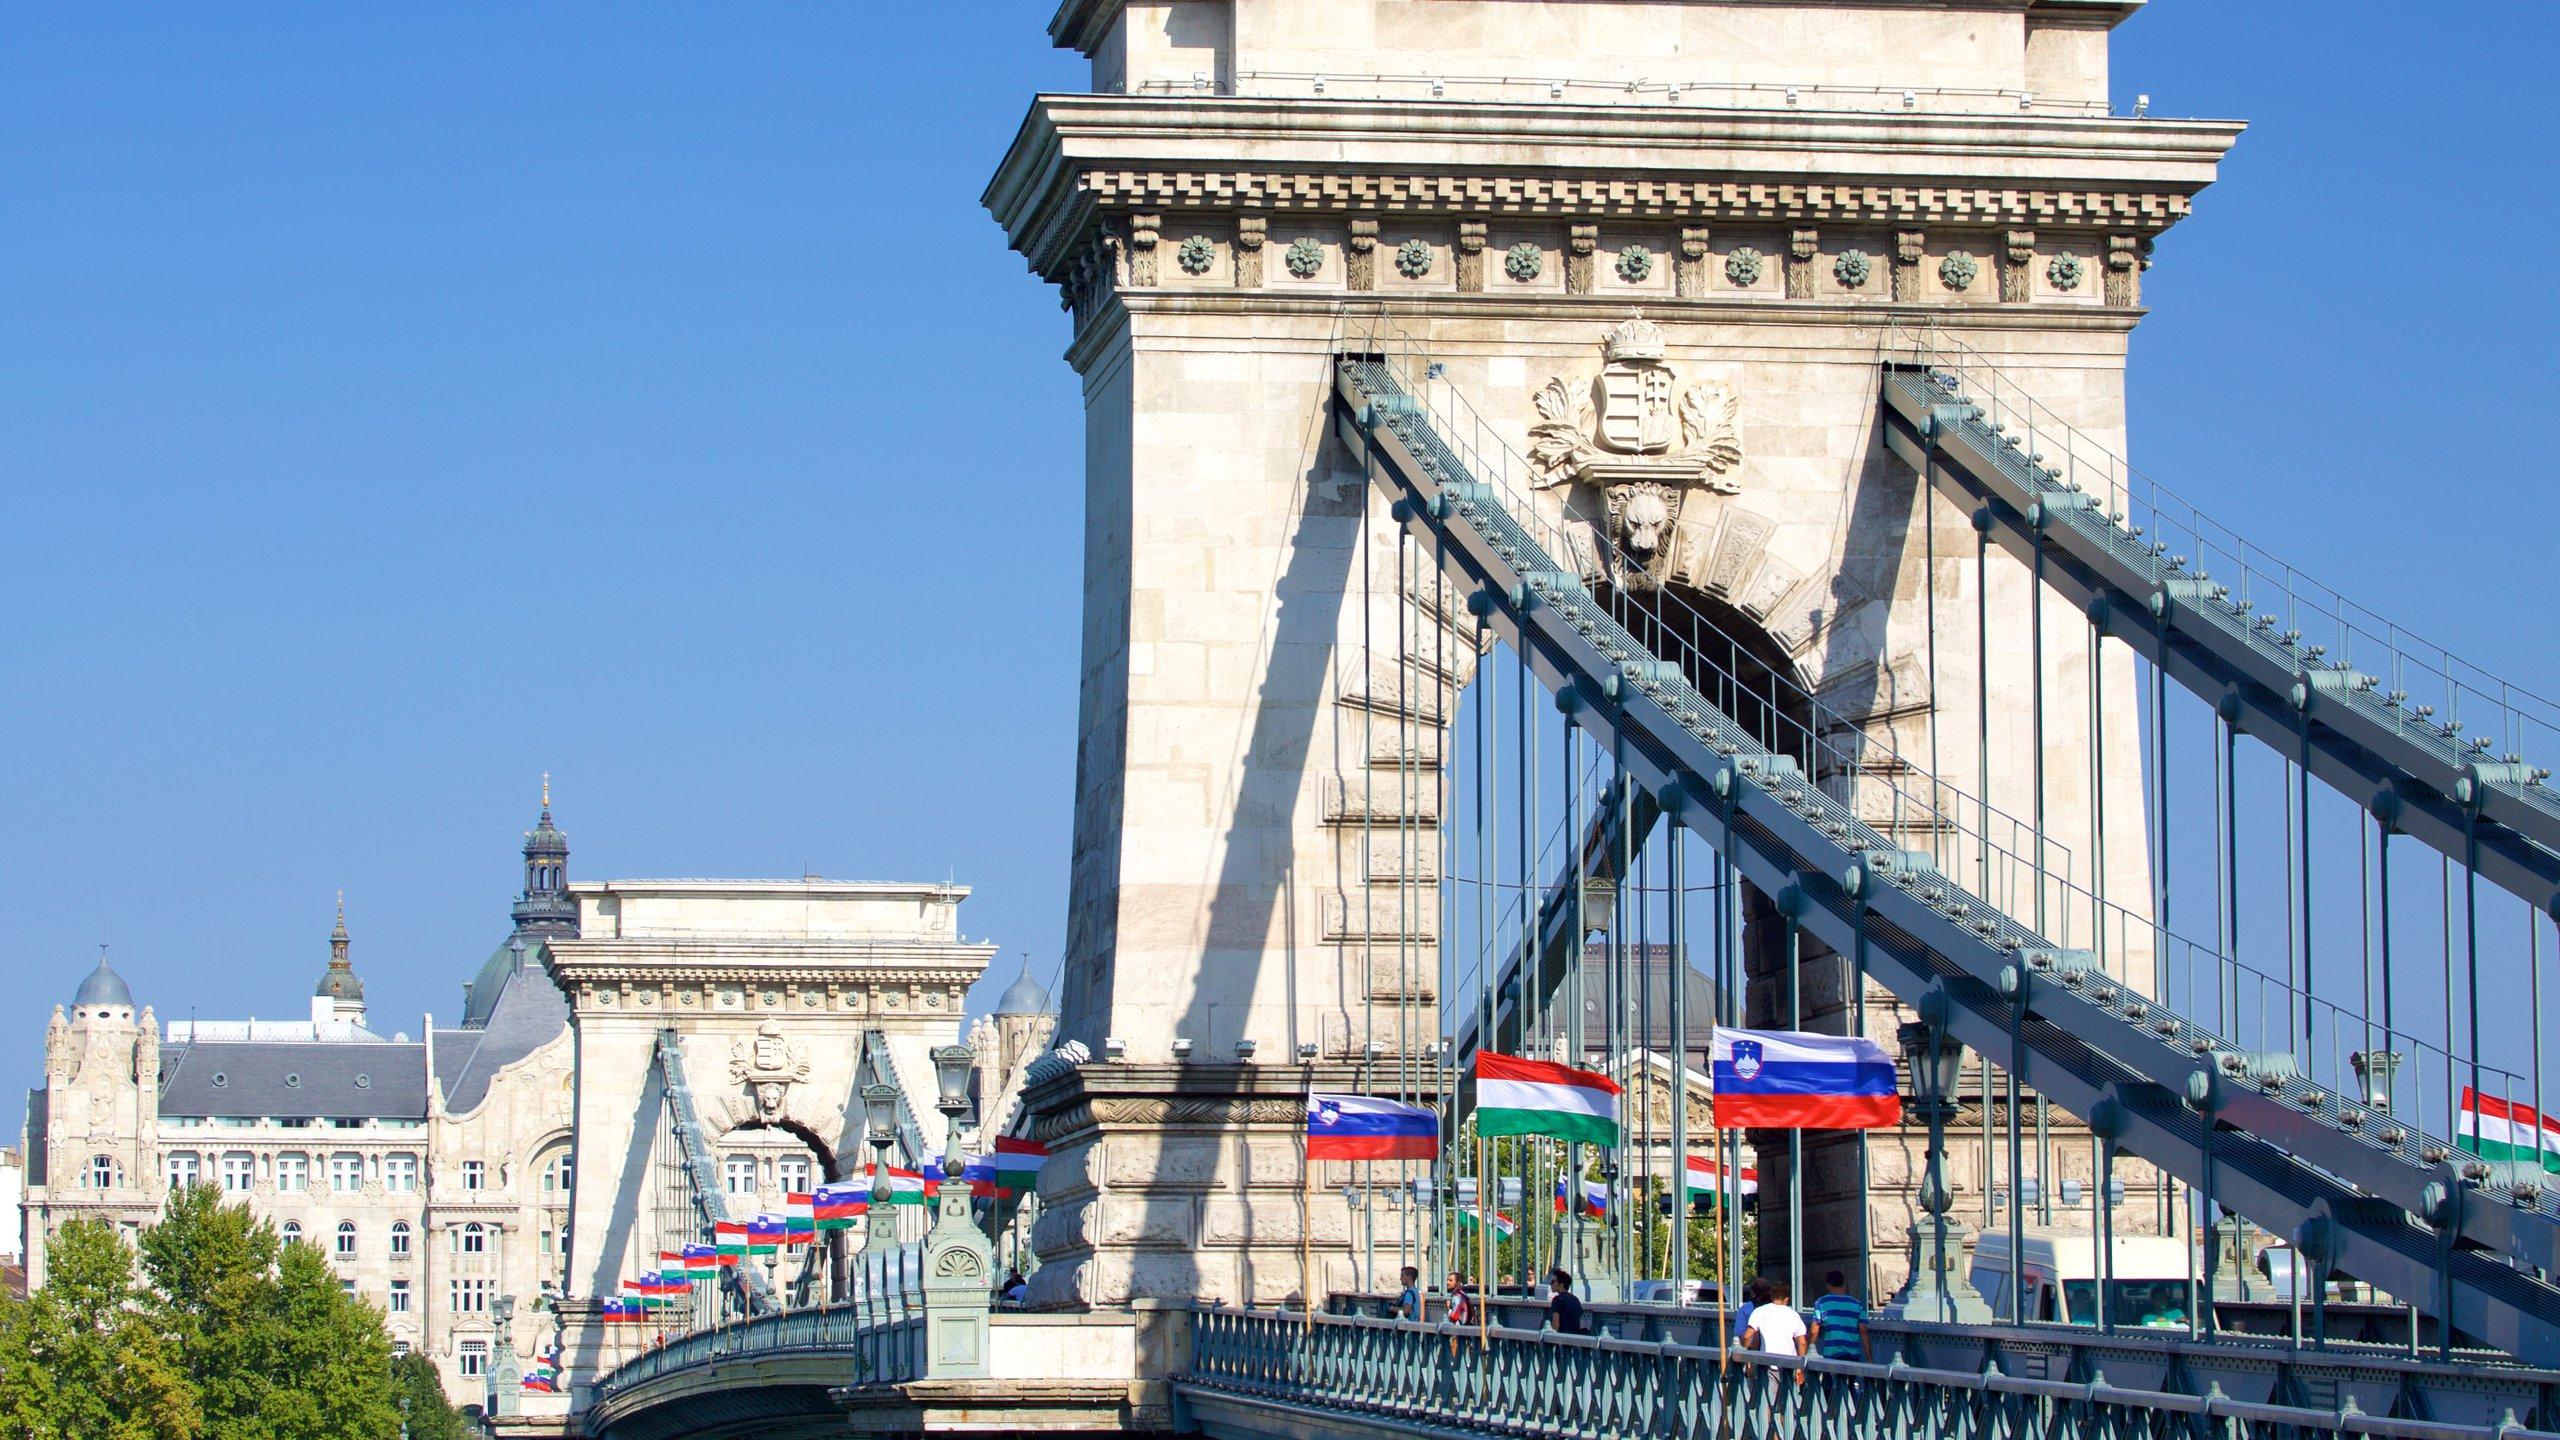 Ontdek alles over de intrigerende geschiedenis en bouw van de beroemdste brug van de stad, waarvanaf je interessante uitzichten hebt over de Donau.